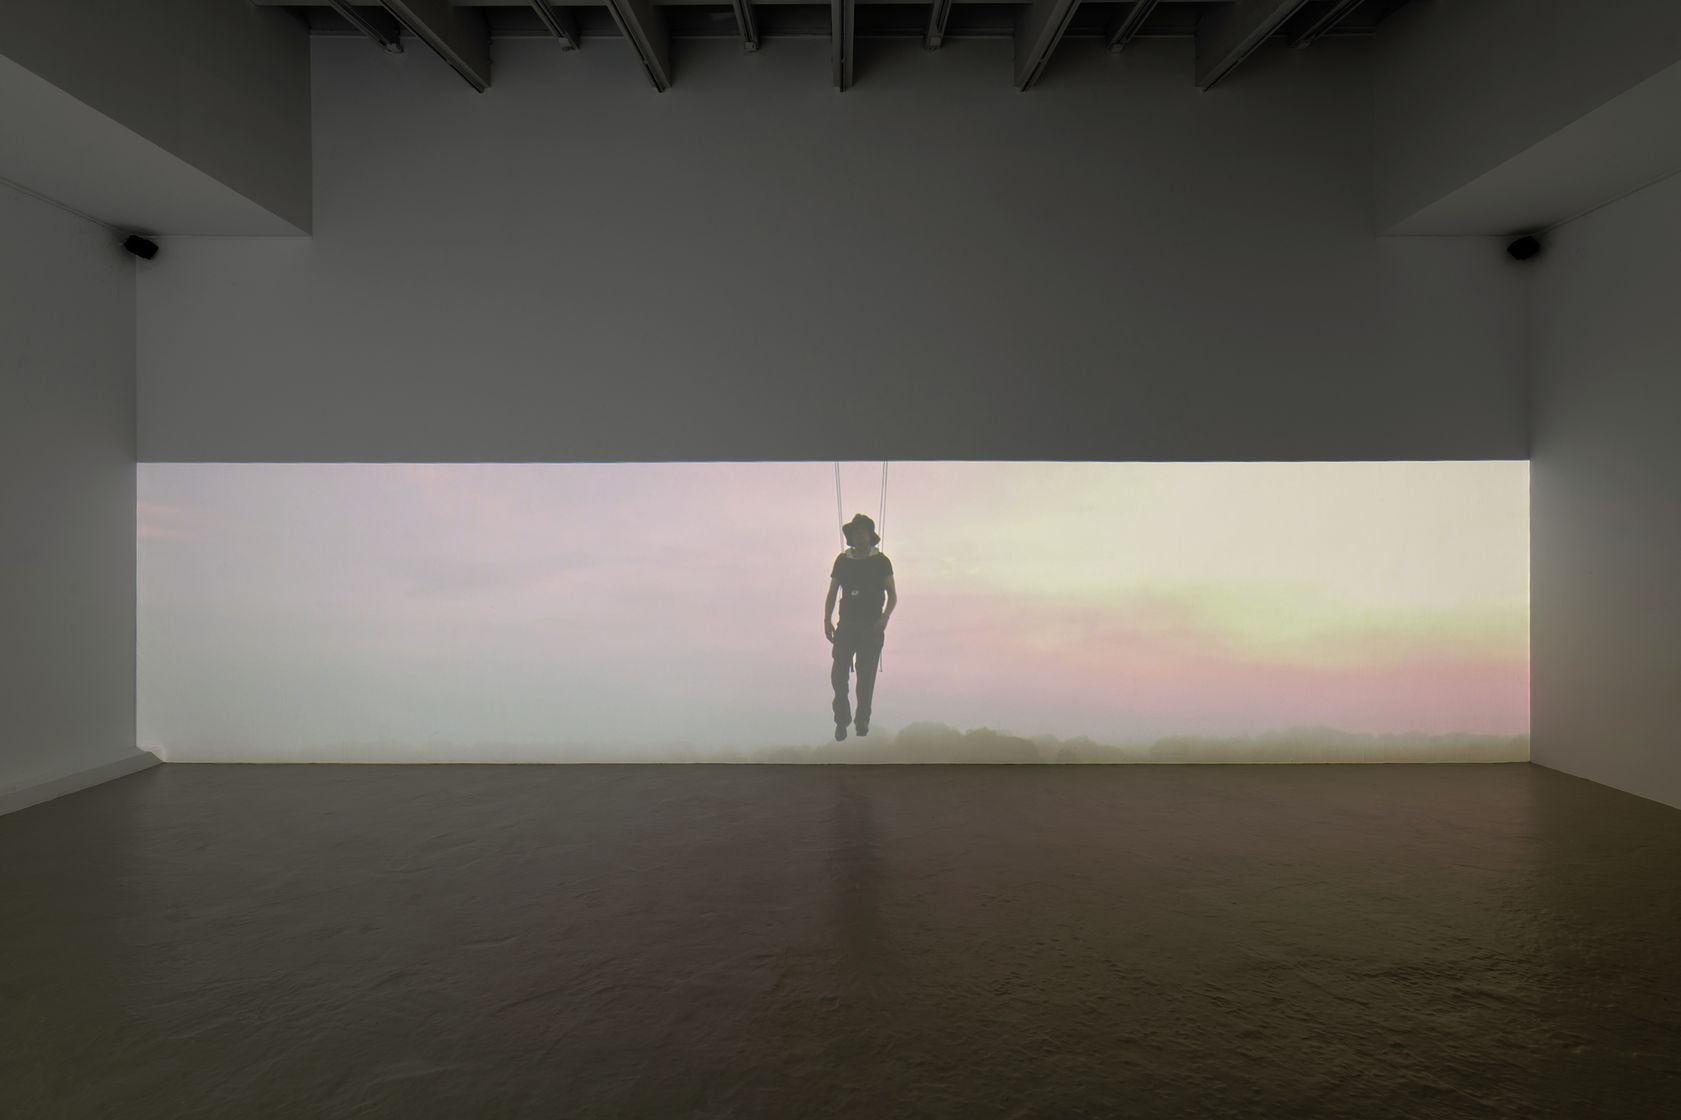 Abraham Poincheval, Walk on Clouds, 2019 Vidéo numérique sonorisée en boucle14min05s